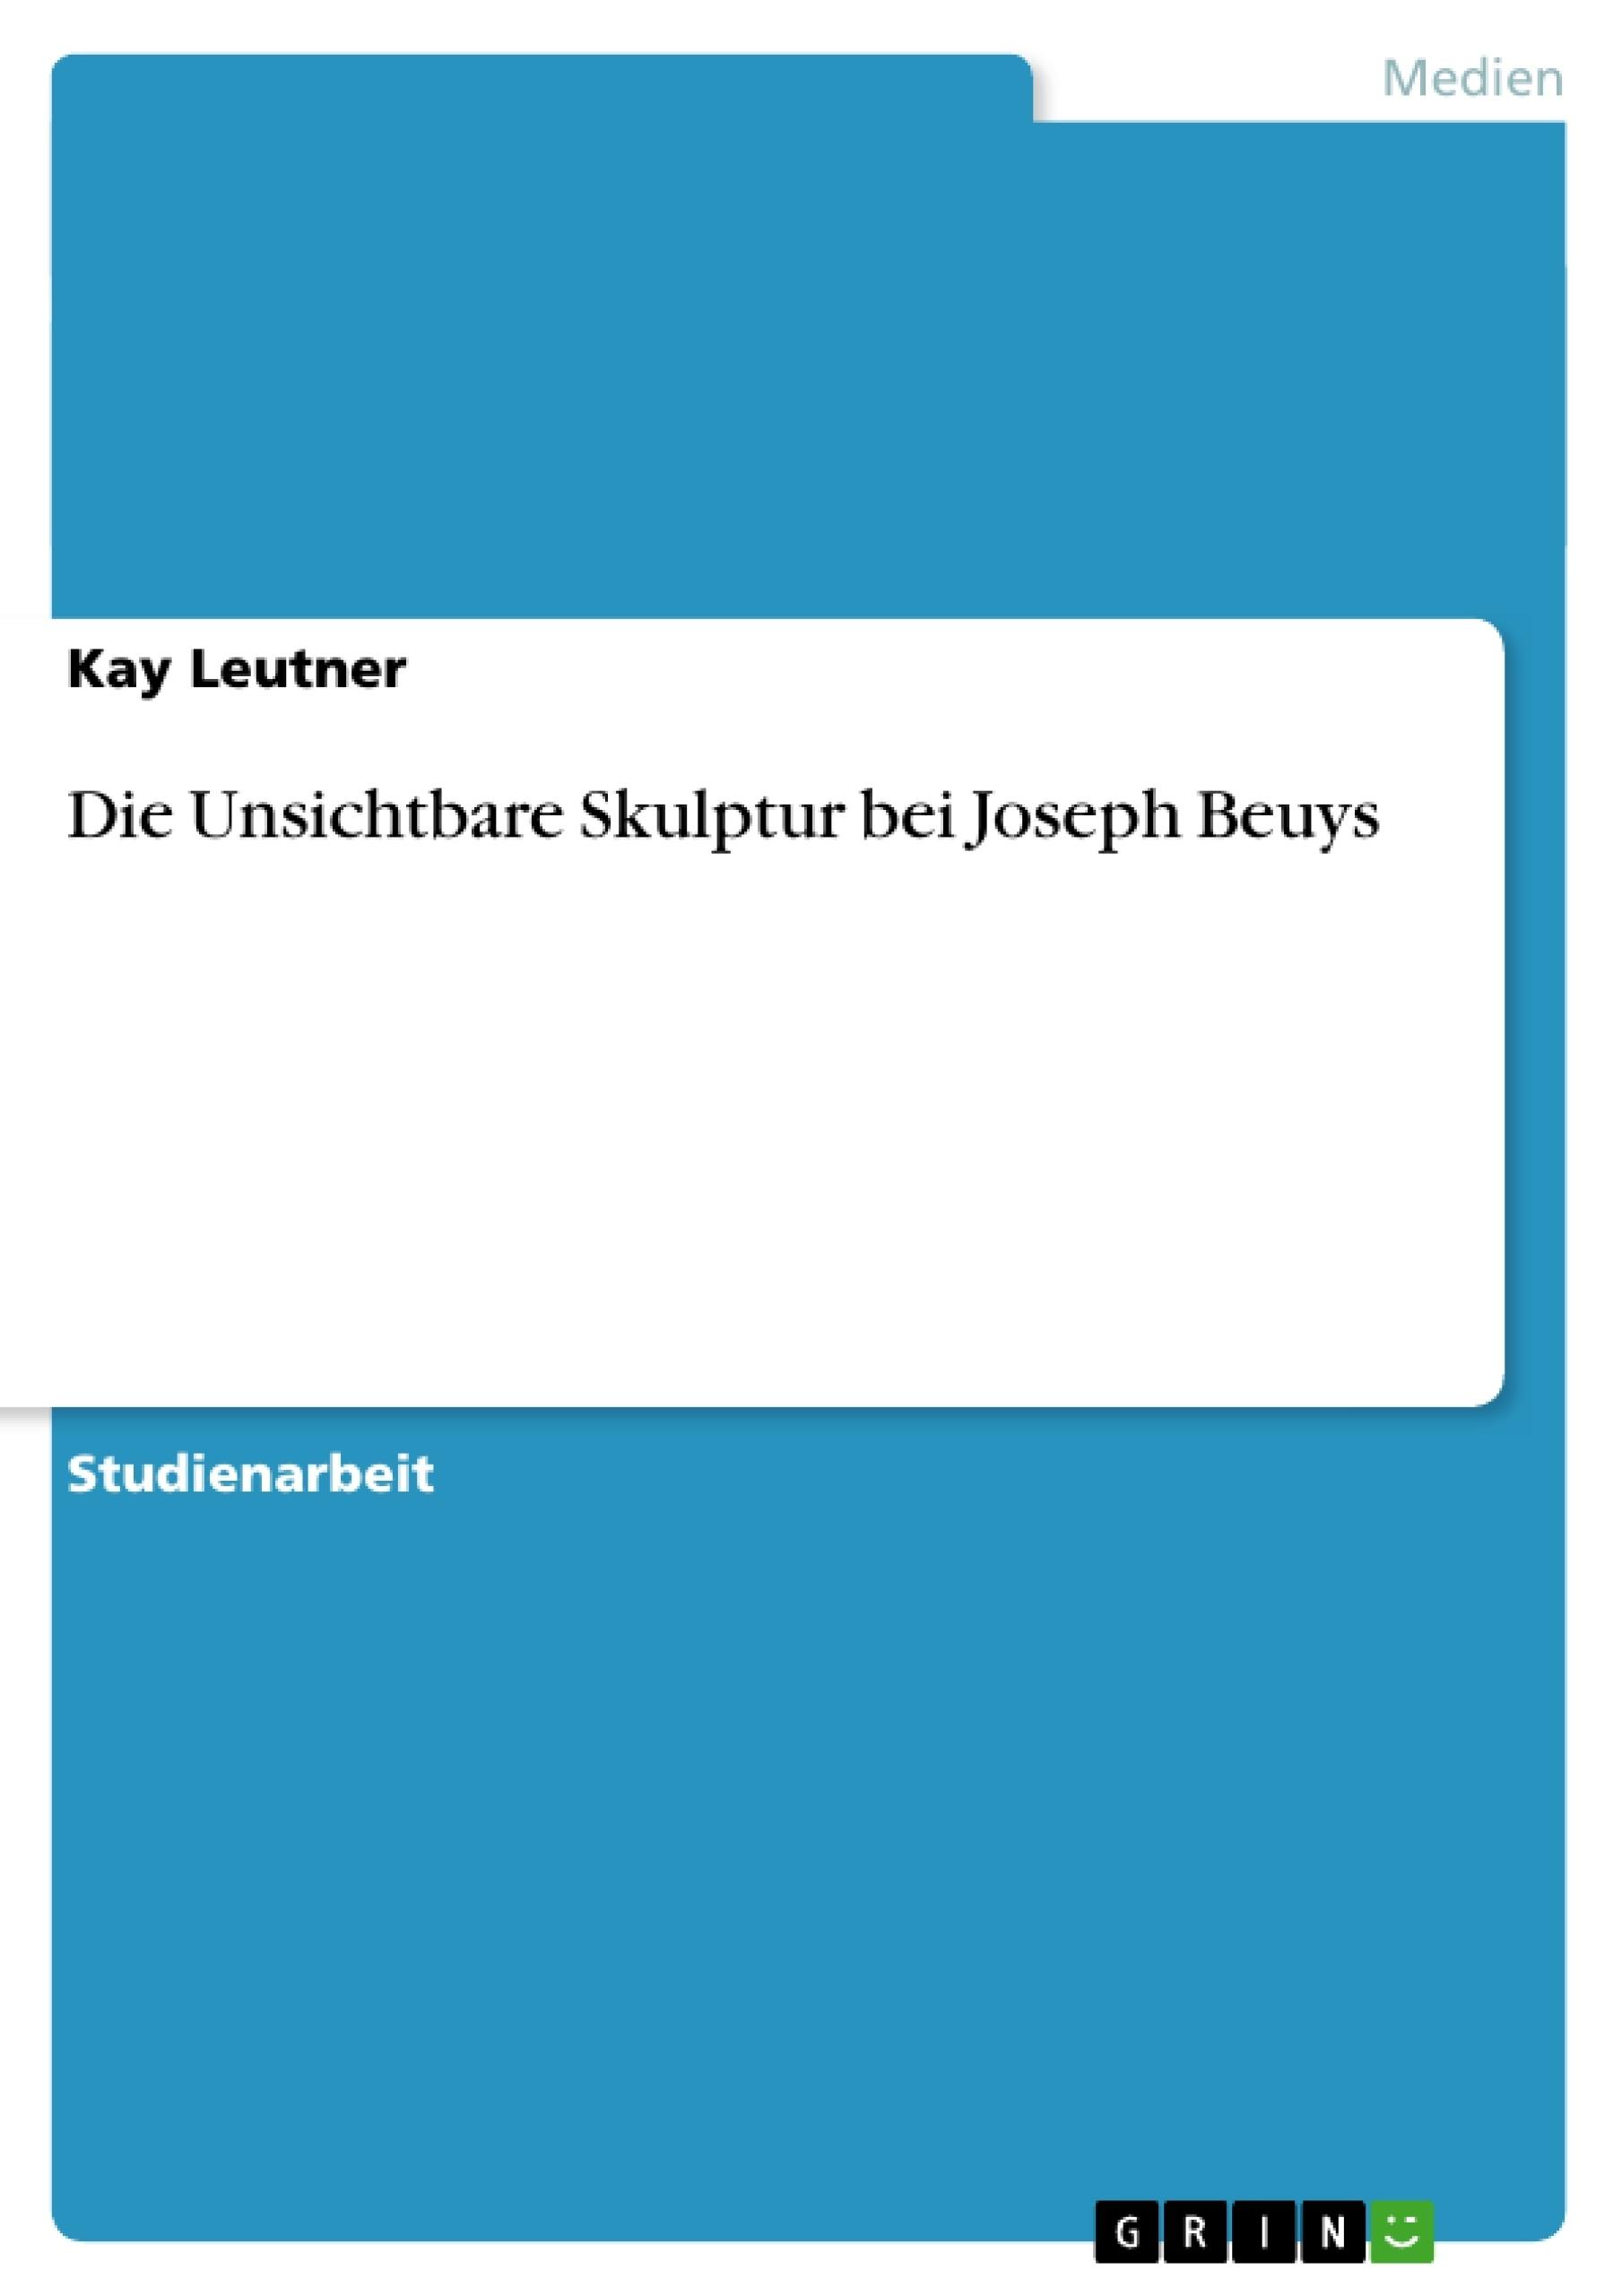 Titel: Die Unsichtbare Skulptur bei Joseph Beuys